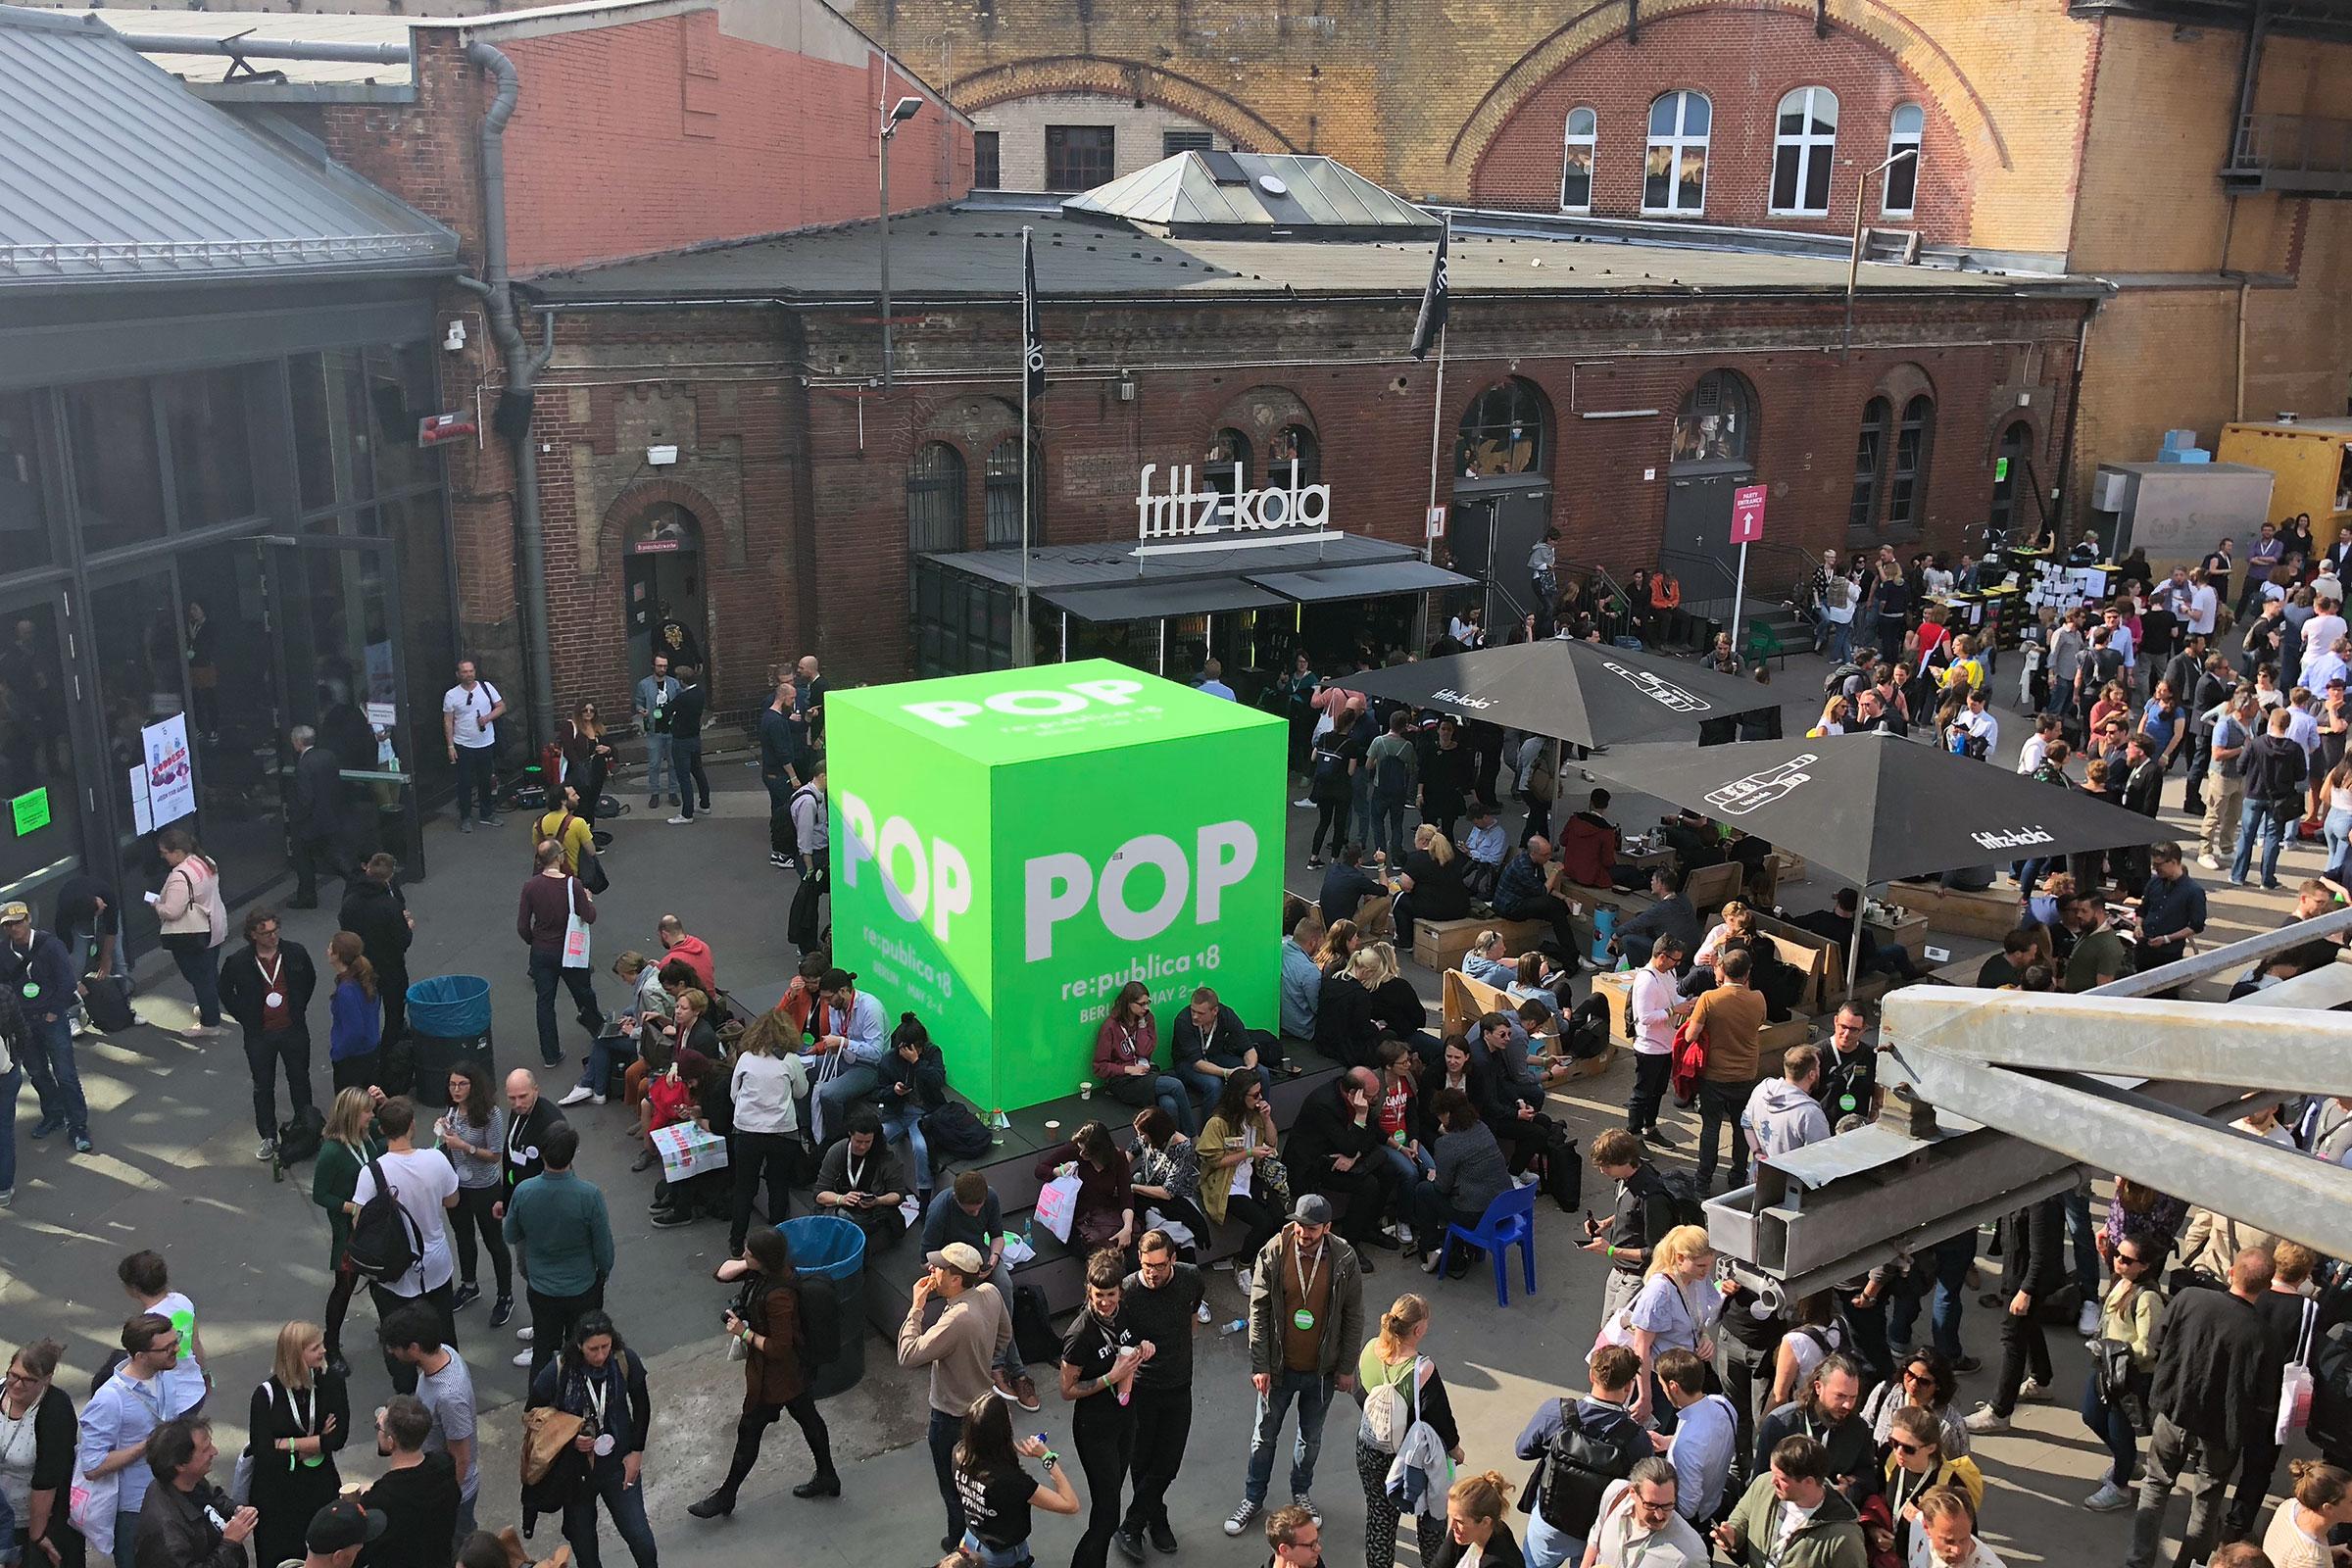 Viele Menschen stehen herum, in der Mitte ein großer grüner Würfel mit der Aufschrift POP.